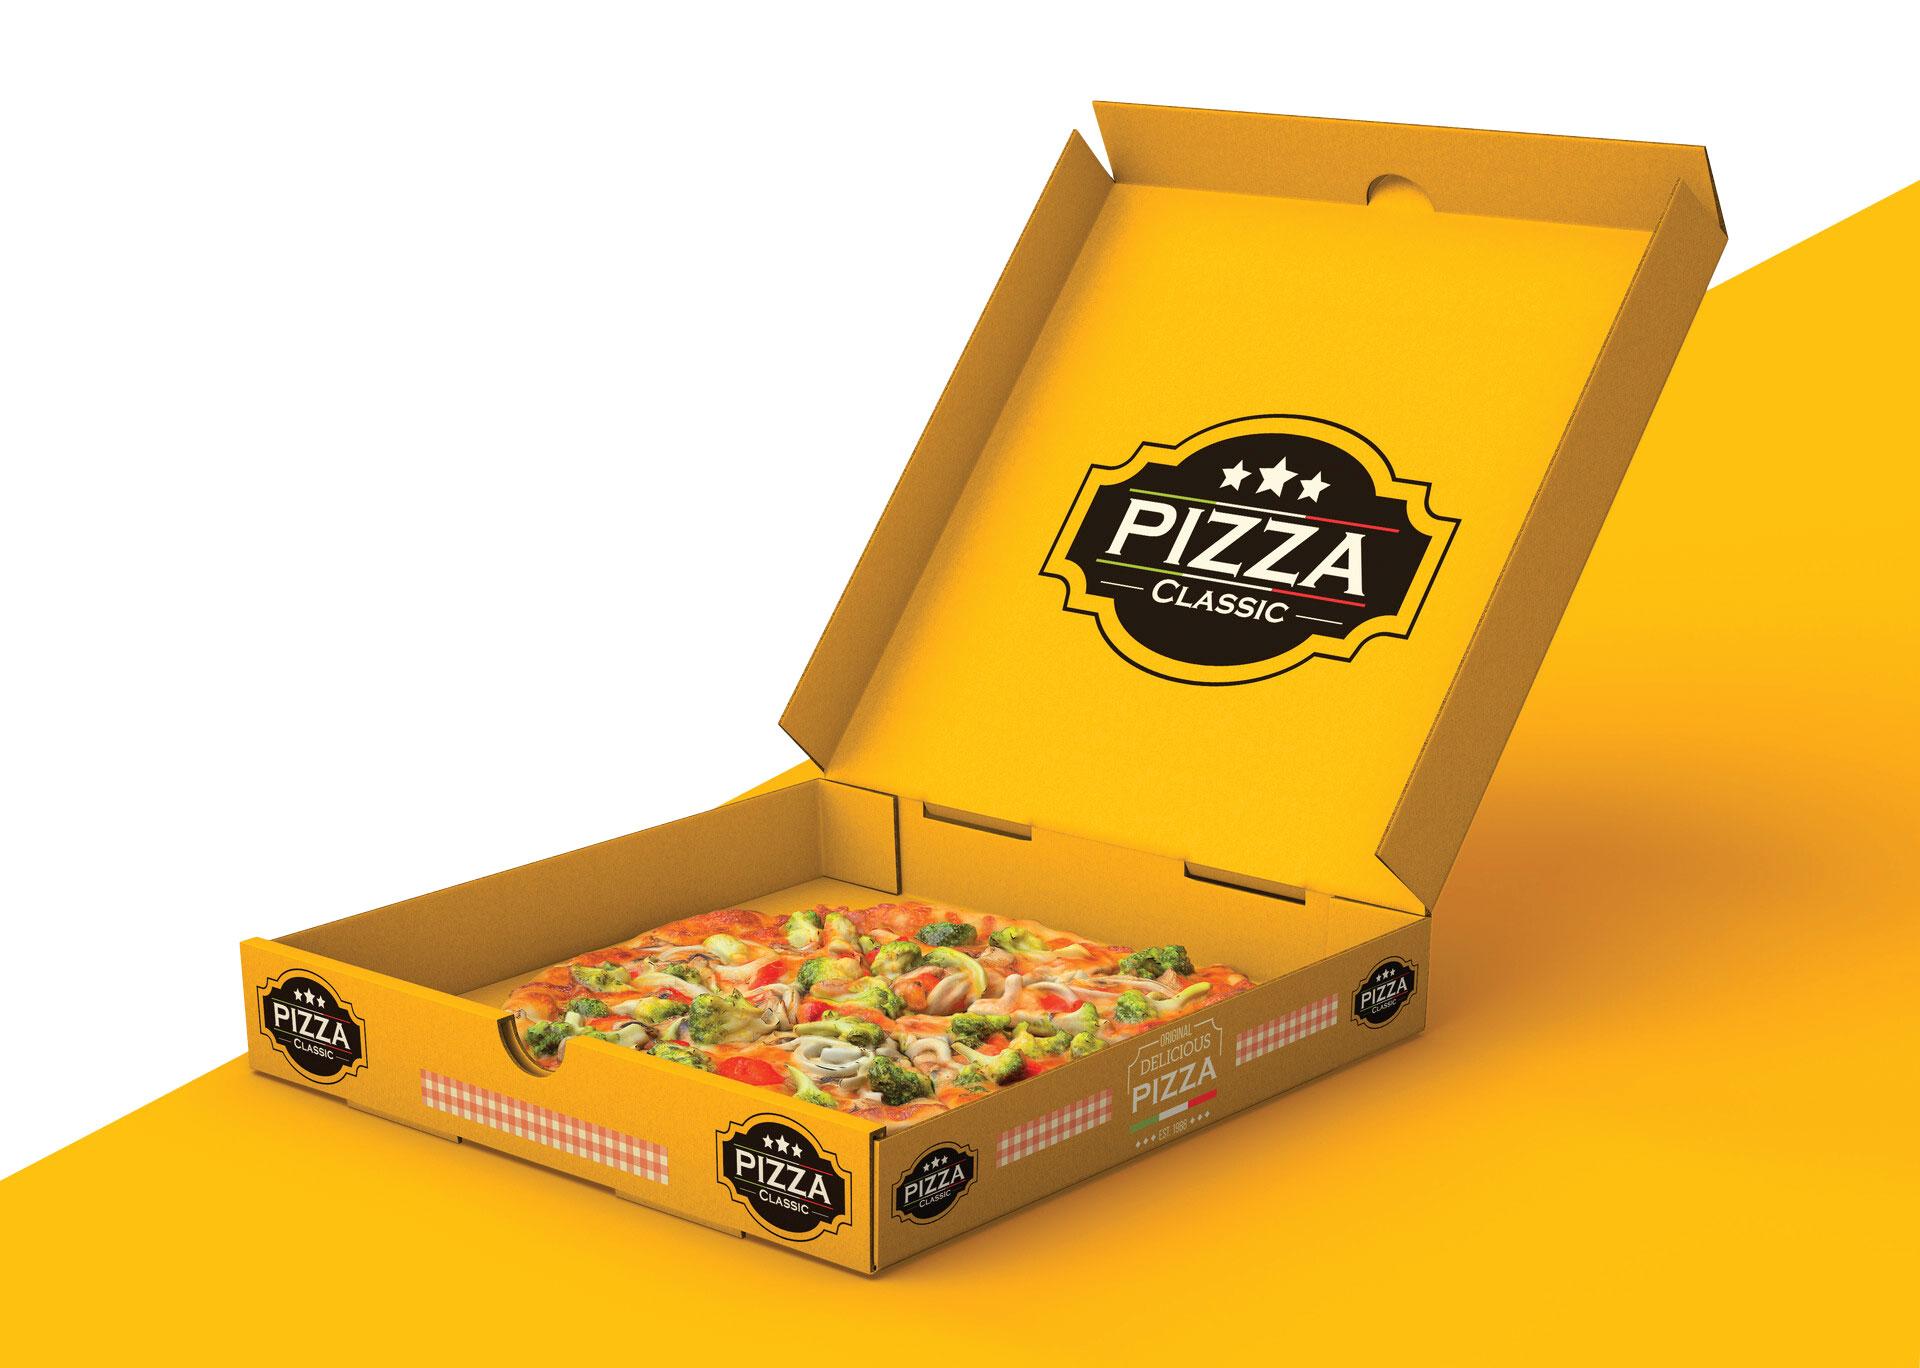 بهترین جعبه پیتزا : ۱۶ ویژگی یک جعبه پیتزای مناسب و ایده آل